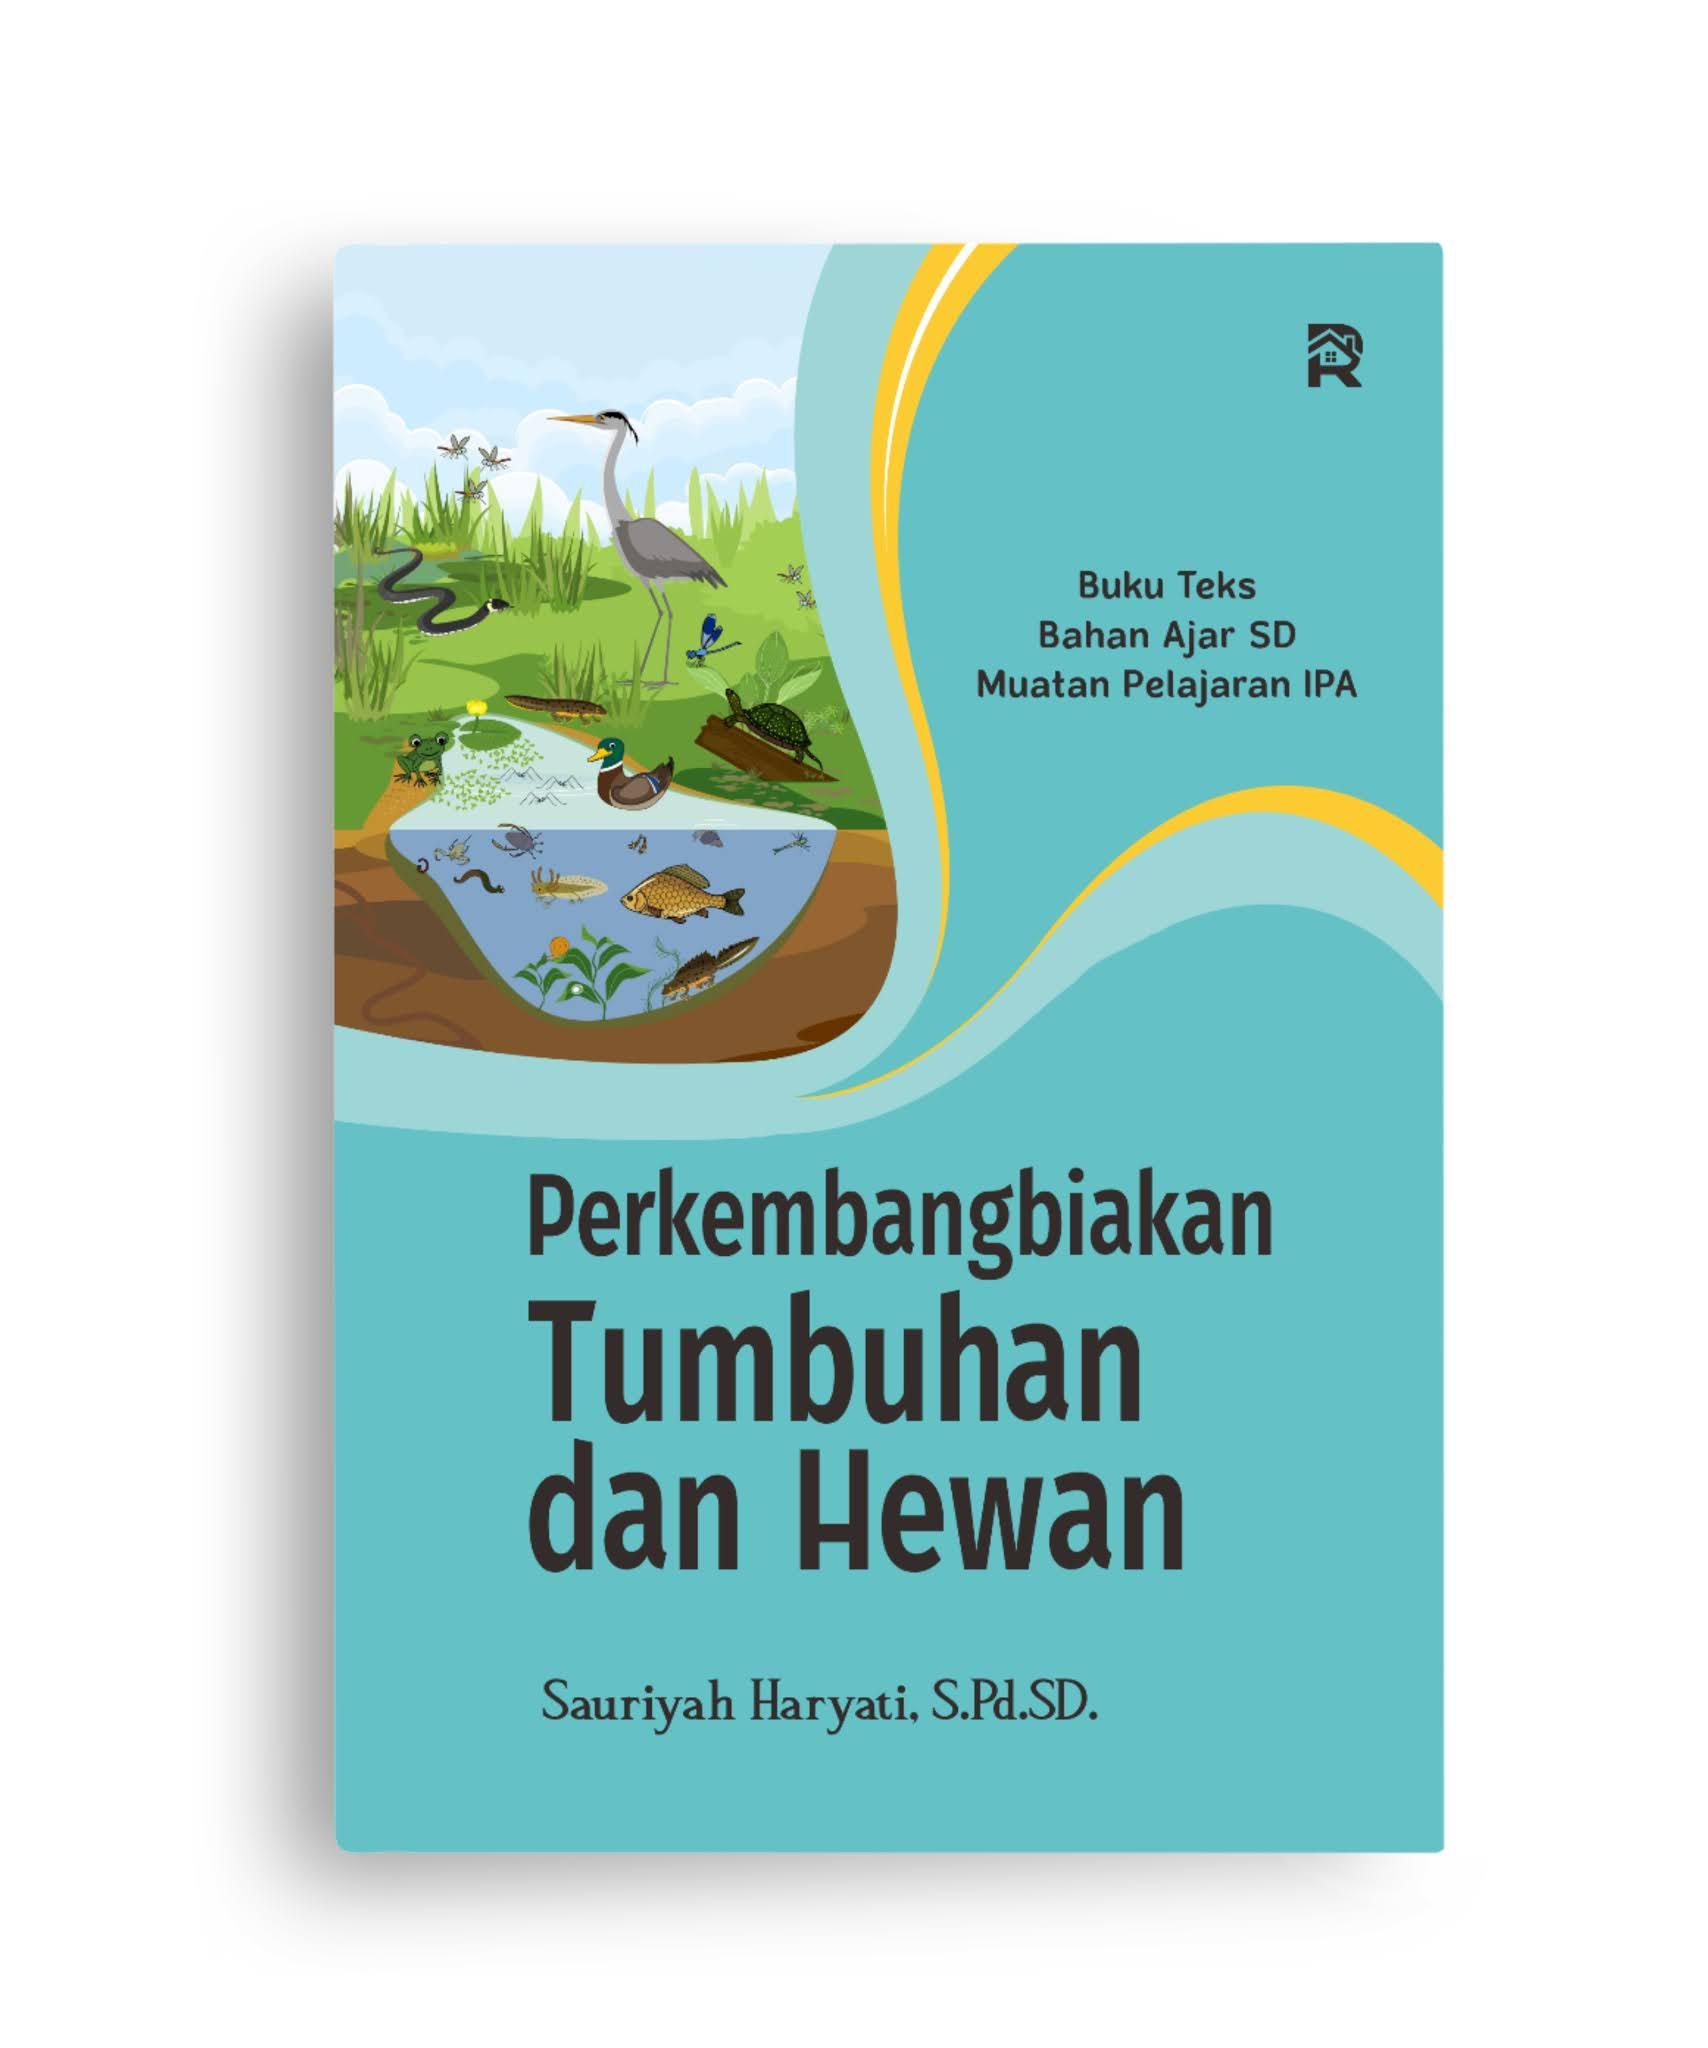 Perkembangbiakan Tumbuhan dan Hewan (Buku Teks Bahan Ajar SD Muatan Pelajaran IPA)